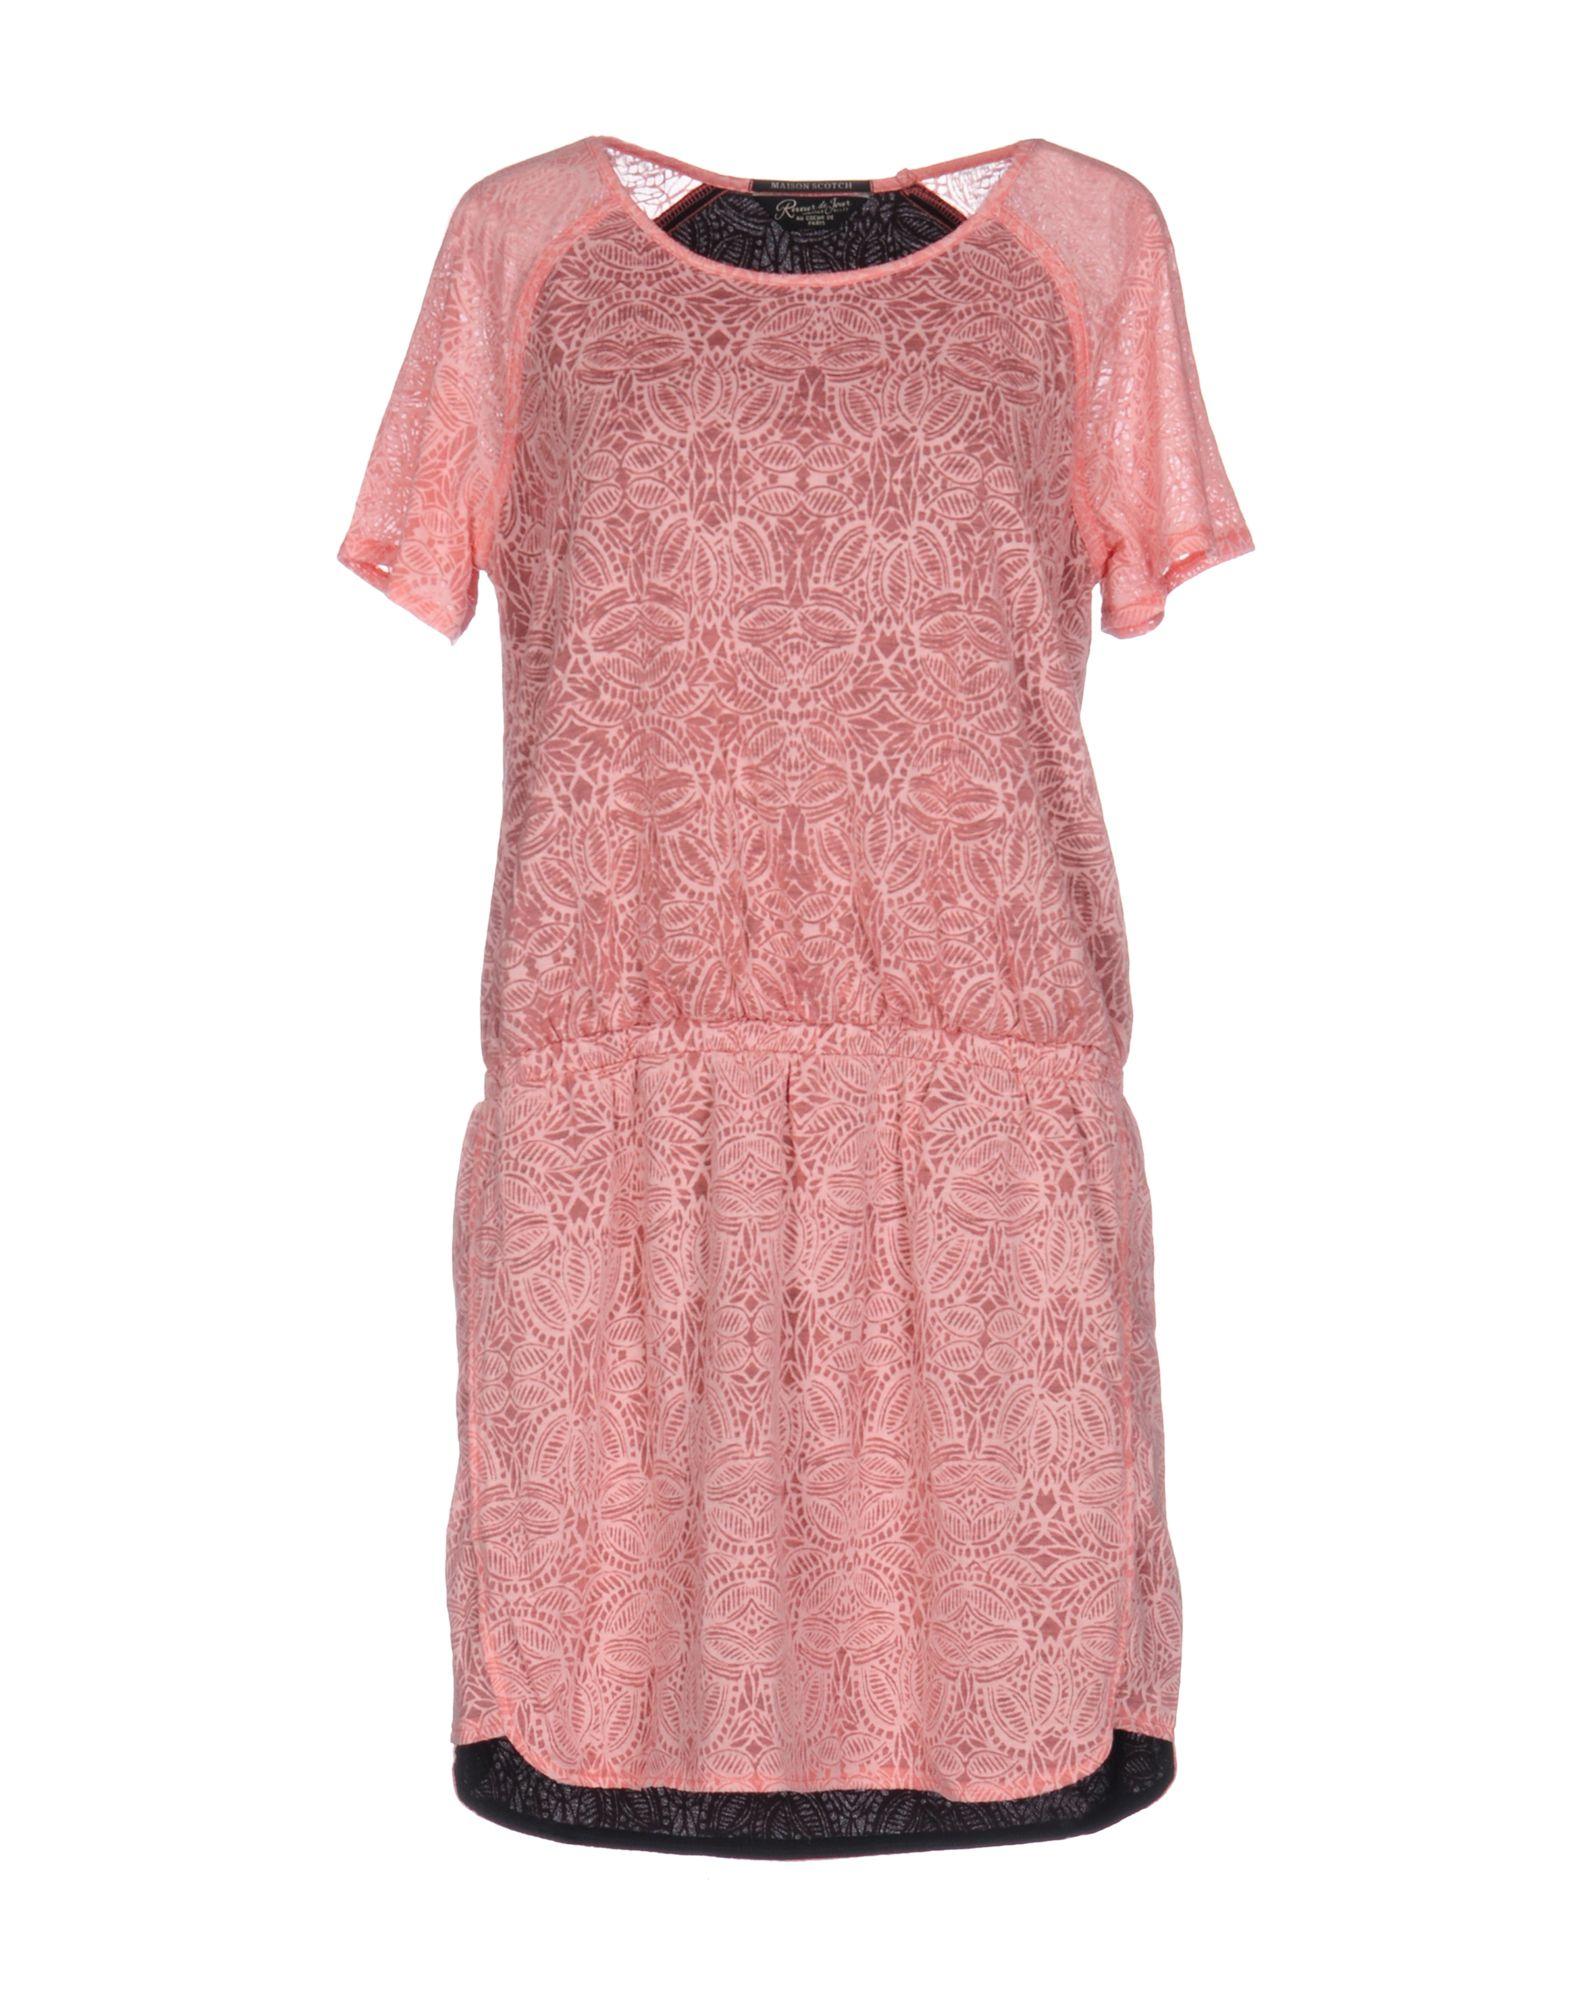 MAISON SCOTCH Короткое платье maison scotch maison scotch 133 1621 0351131250 c